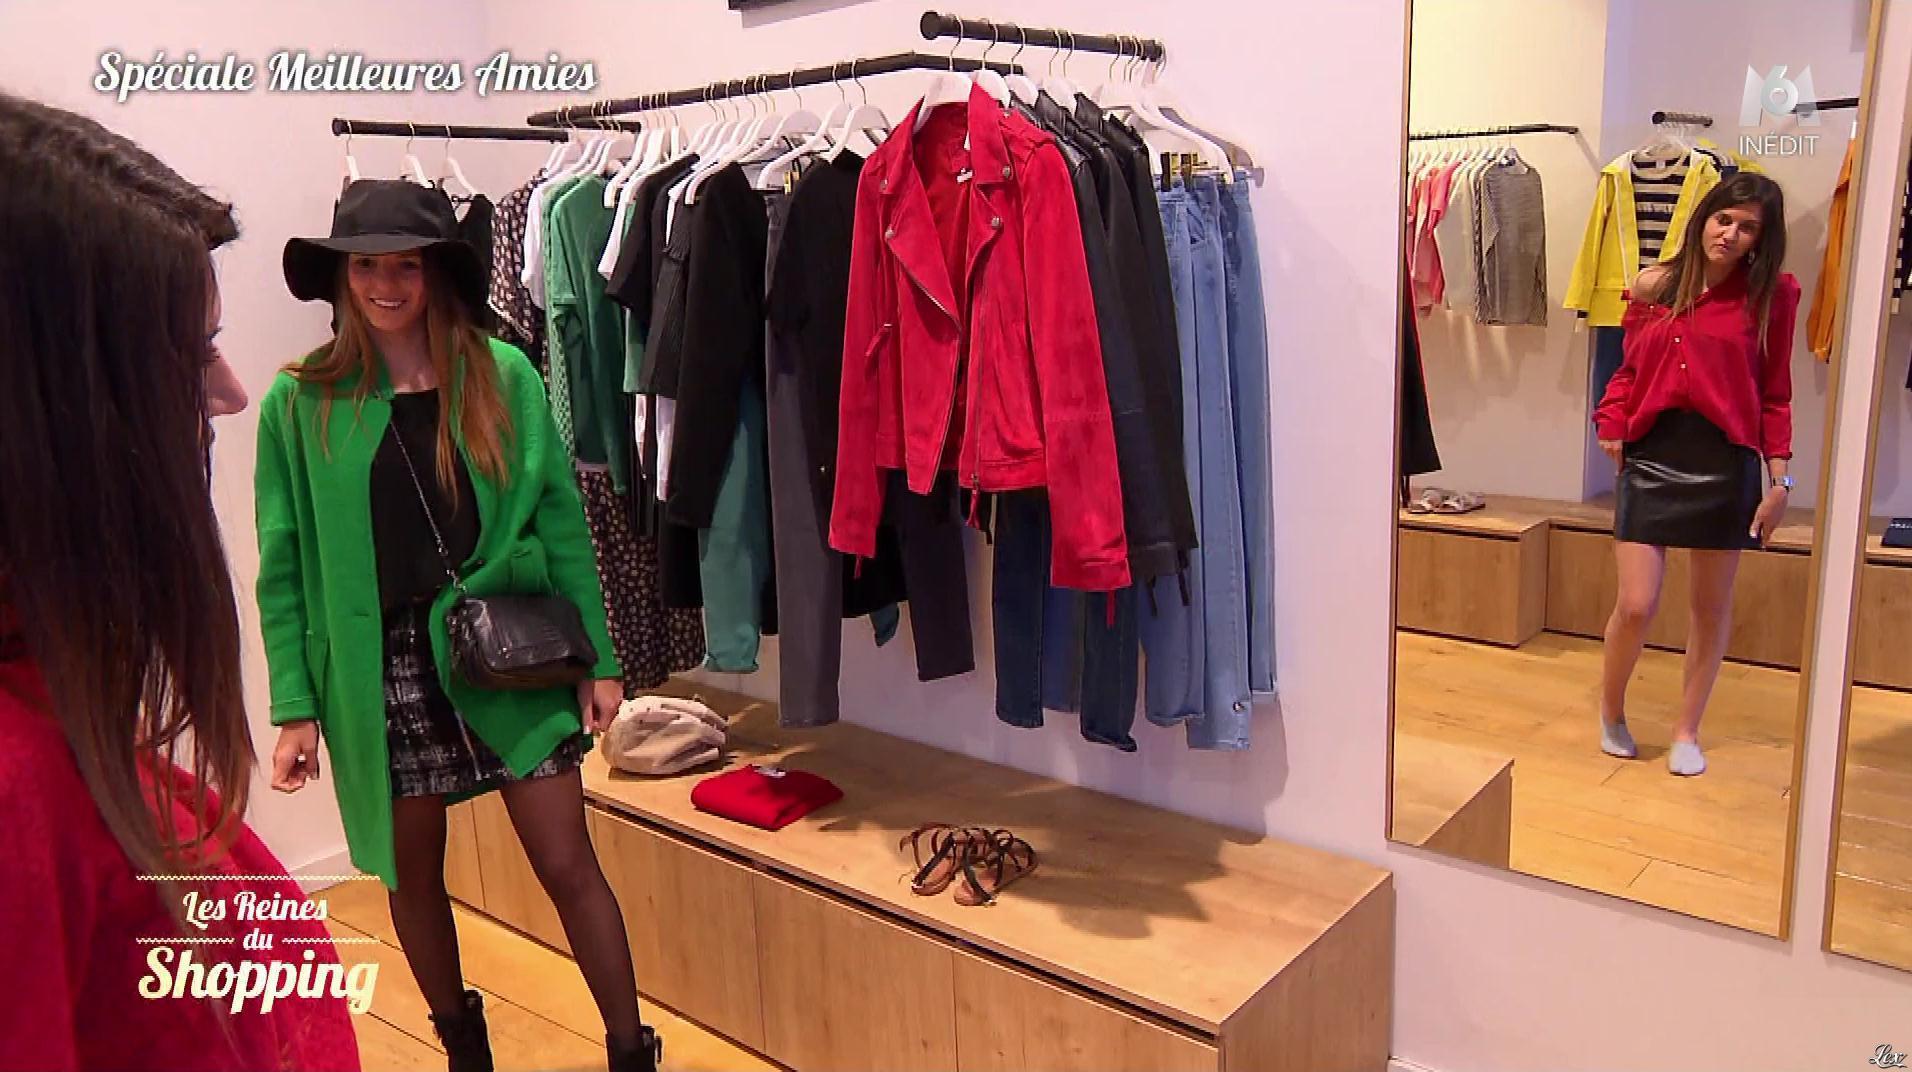 Une Candidate dans les Reines du Shopping. Diffusé à la télévision le 20/09/19.